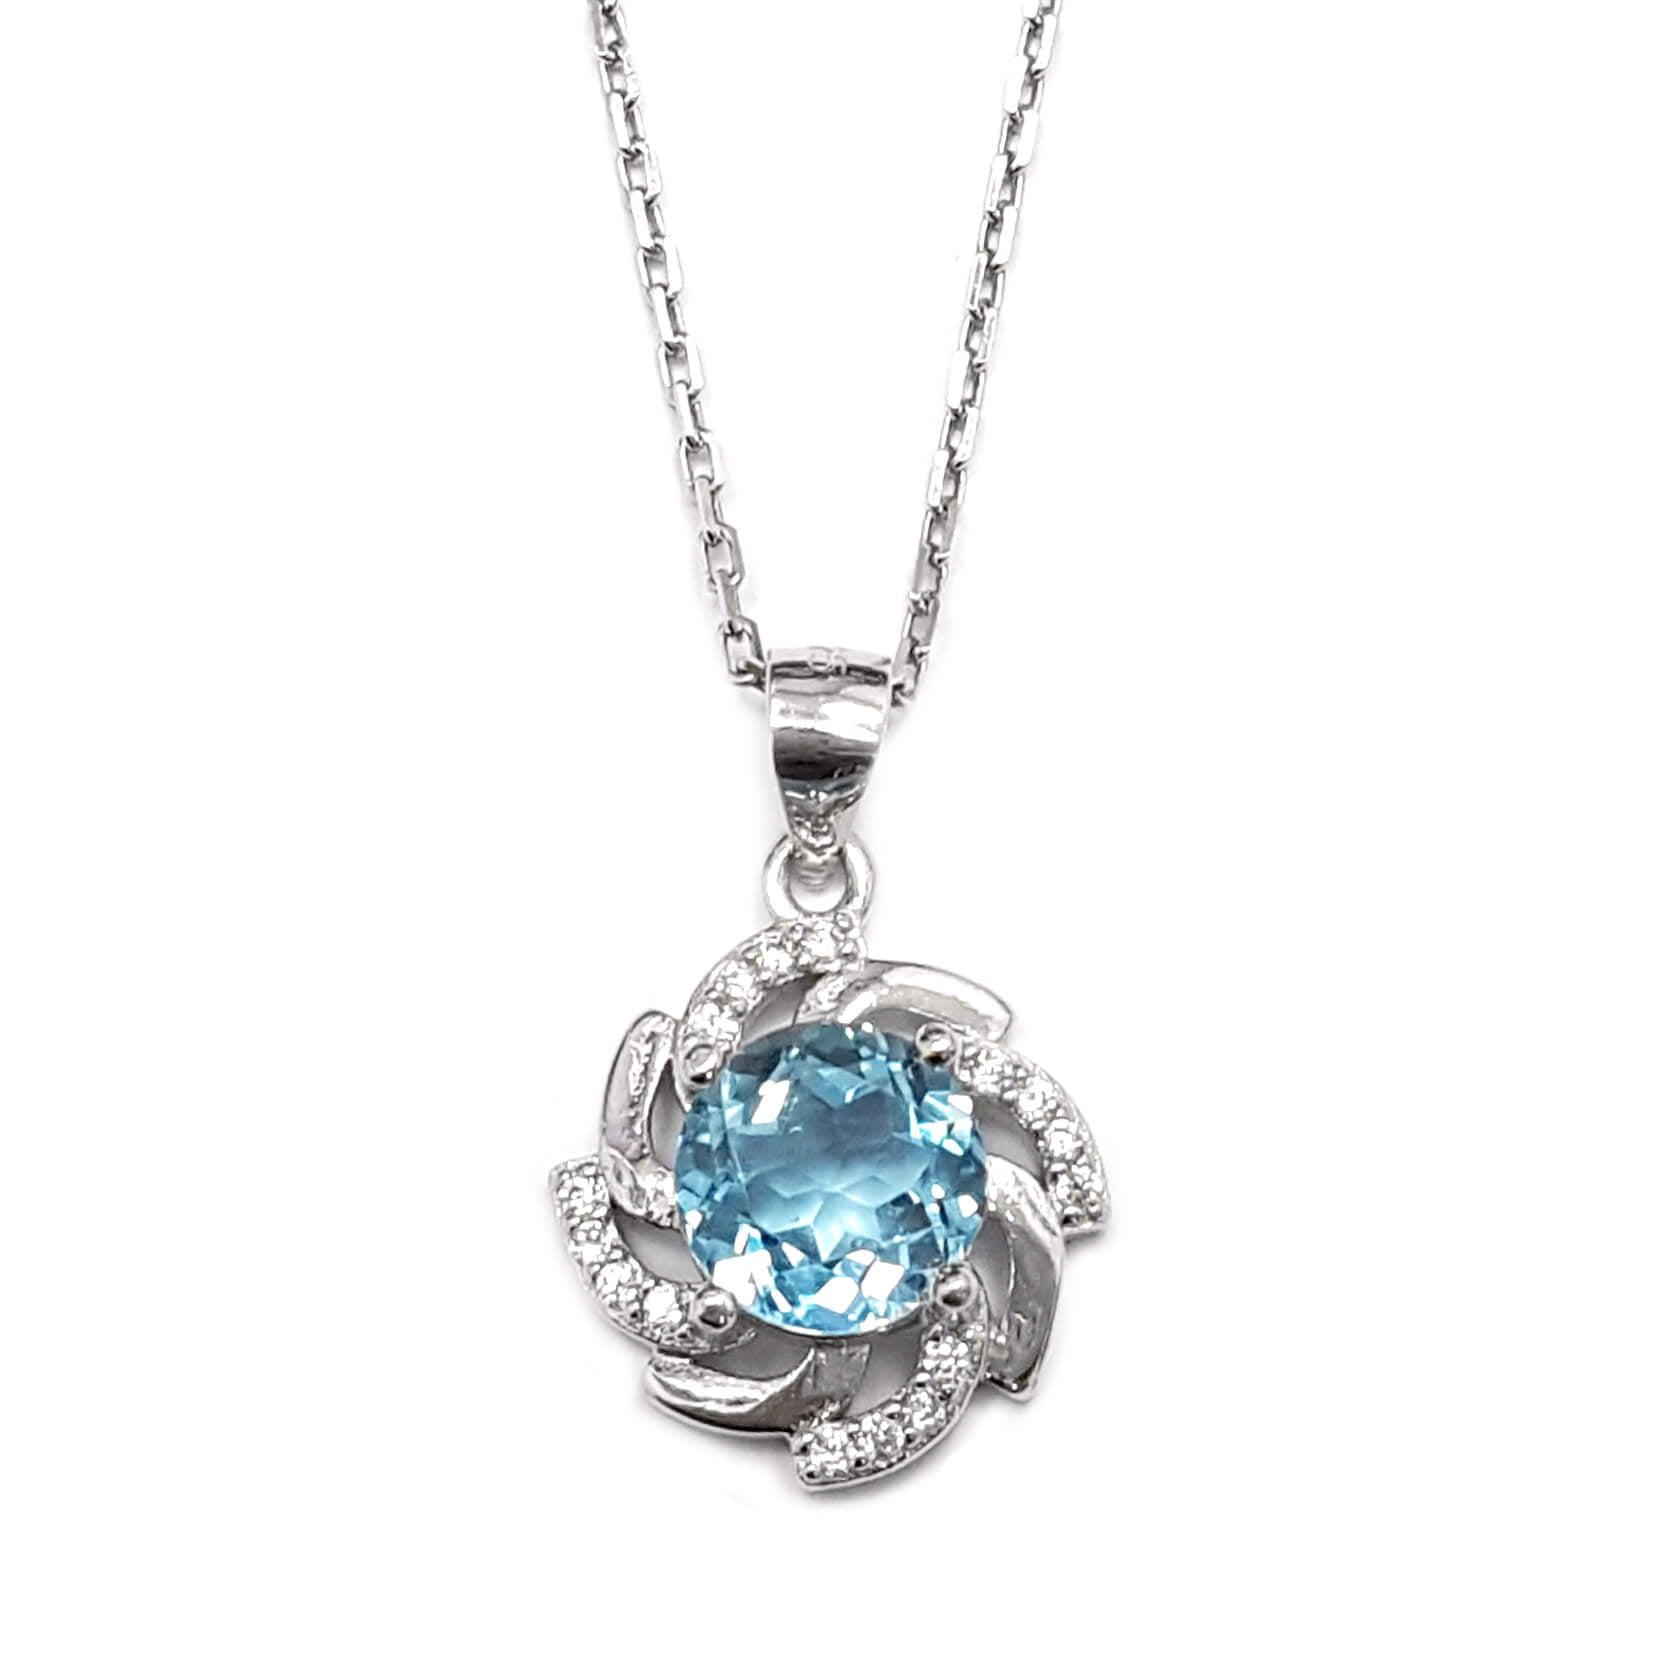 שרשרת כסף ותליון משובץ אבן טופז כחולה וזרקונים T5876 | תכשיטי כסף